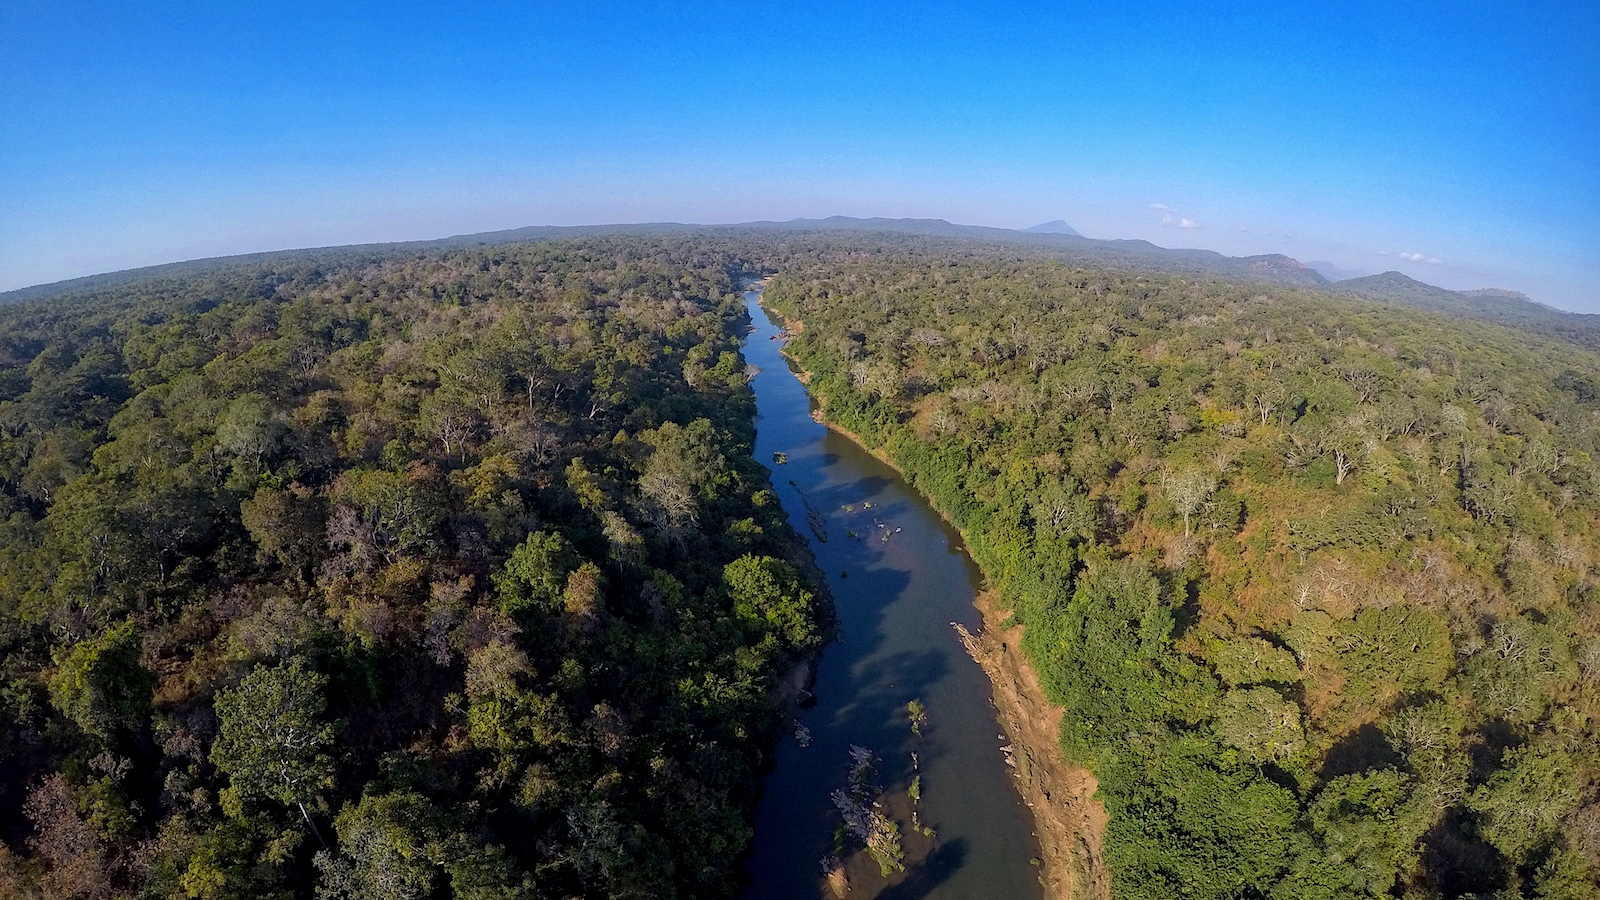 tongole bua river